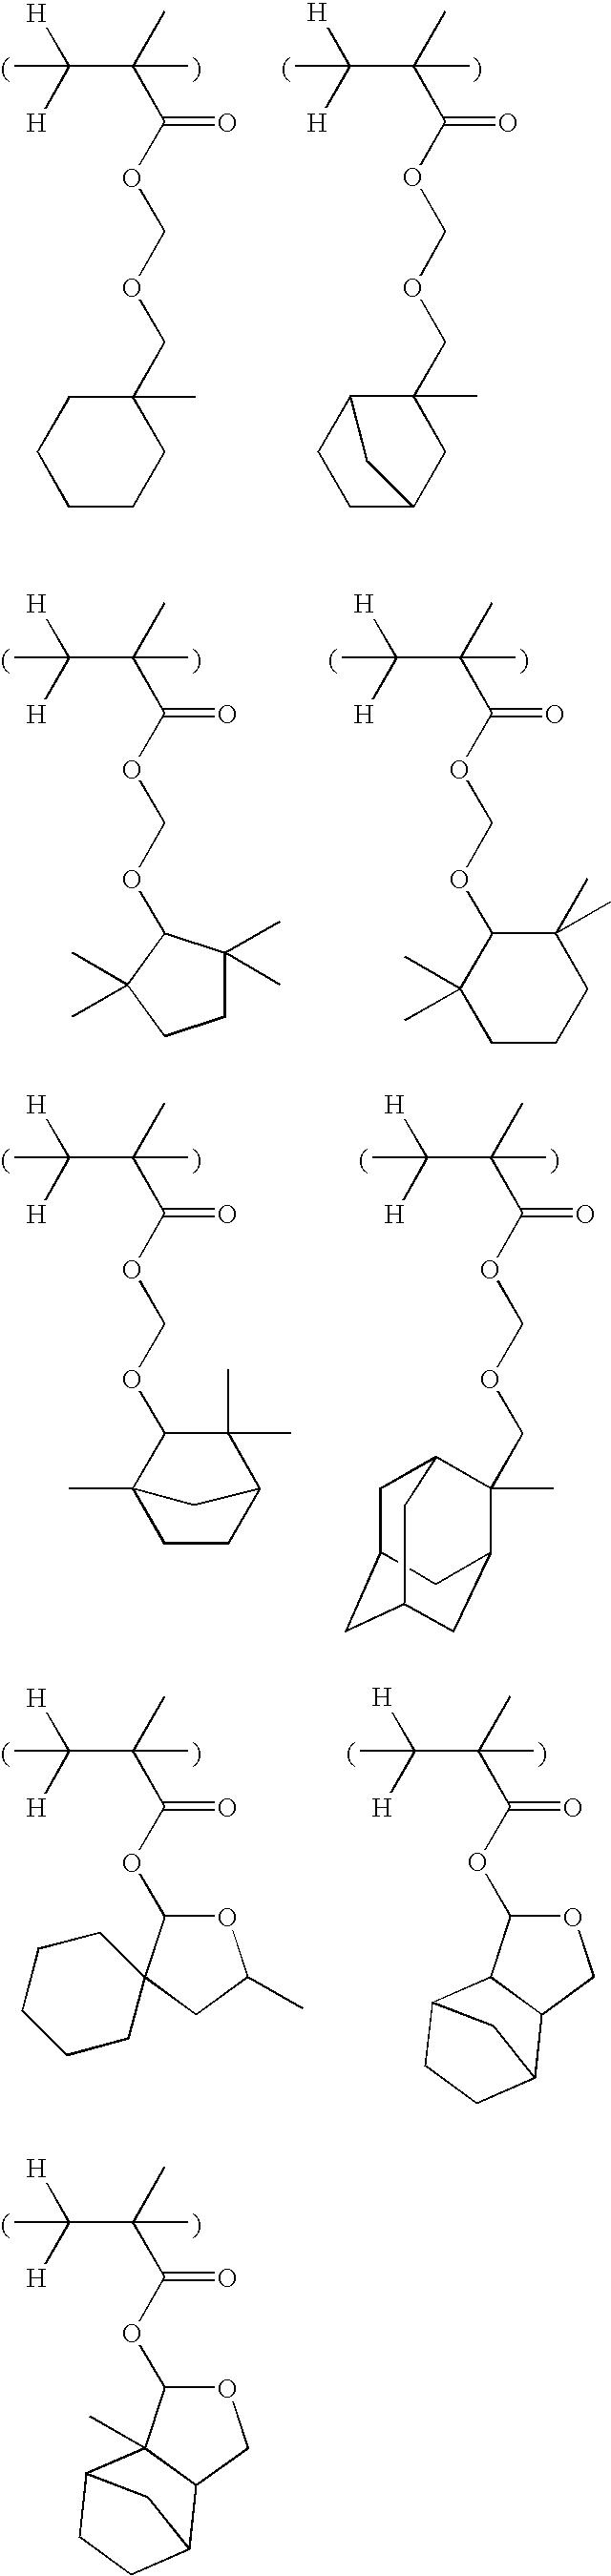 Figure US07569326-20090804-C00032